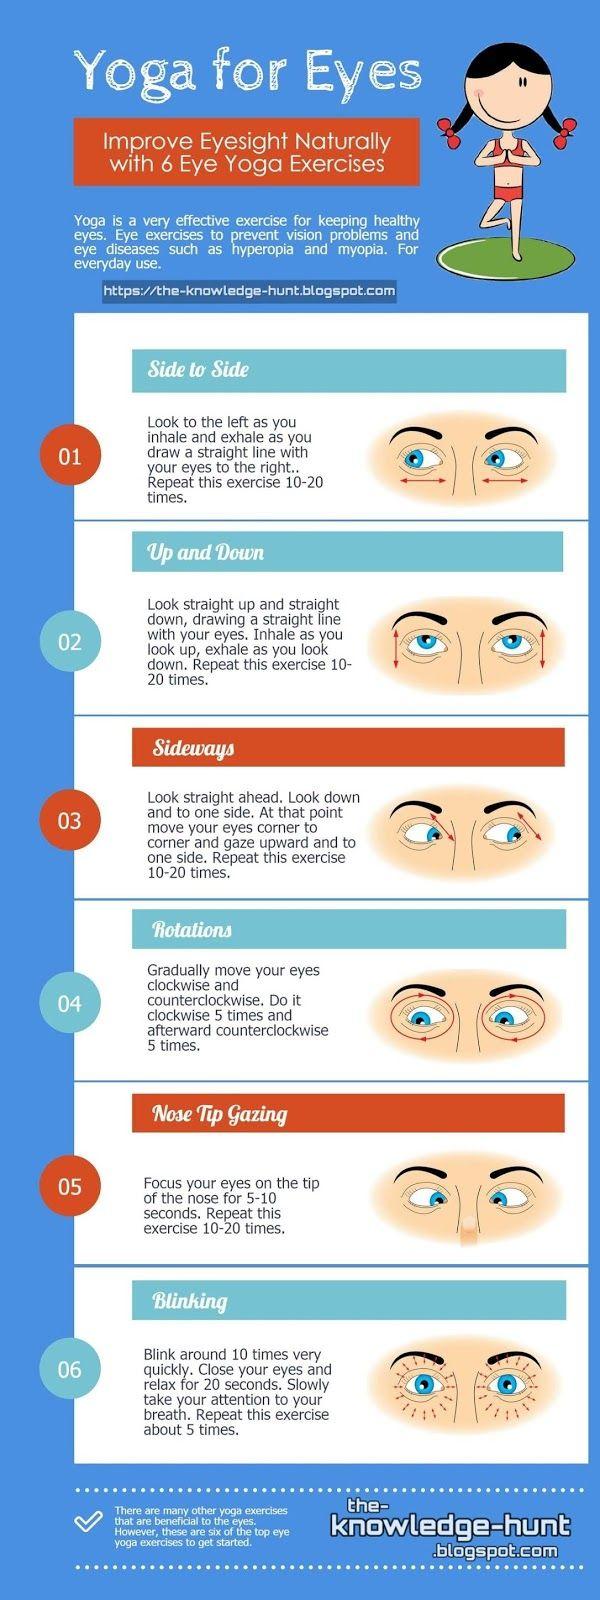 Hogyan alakul ki a hiperopia 2 0 mi a látás